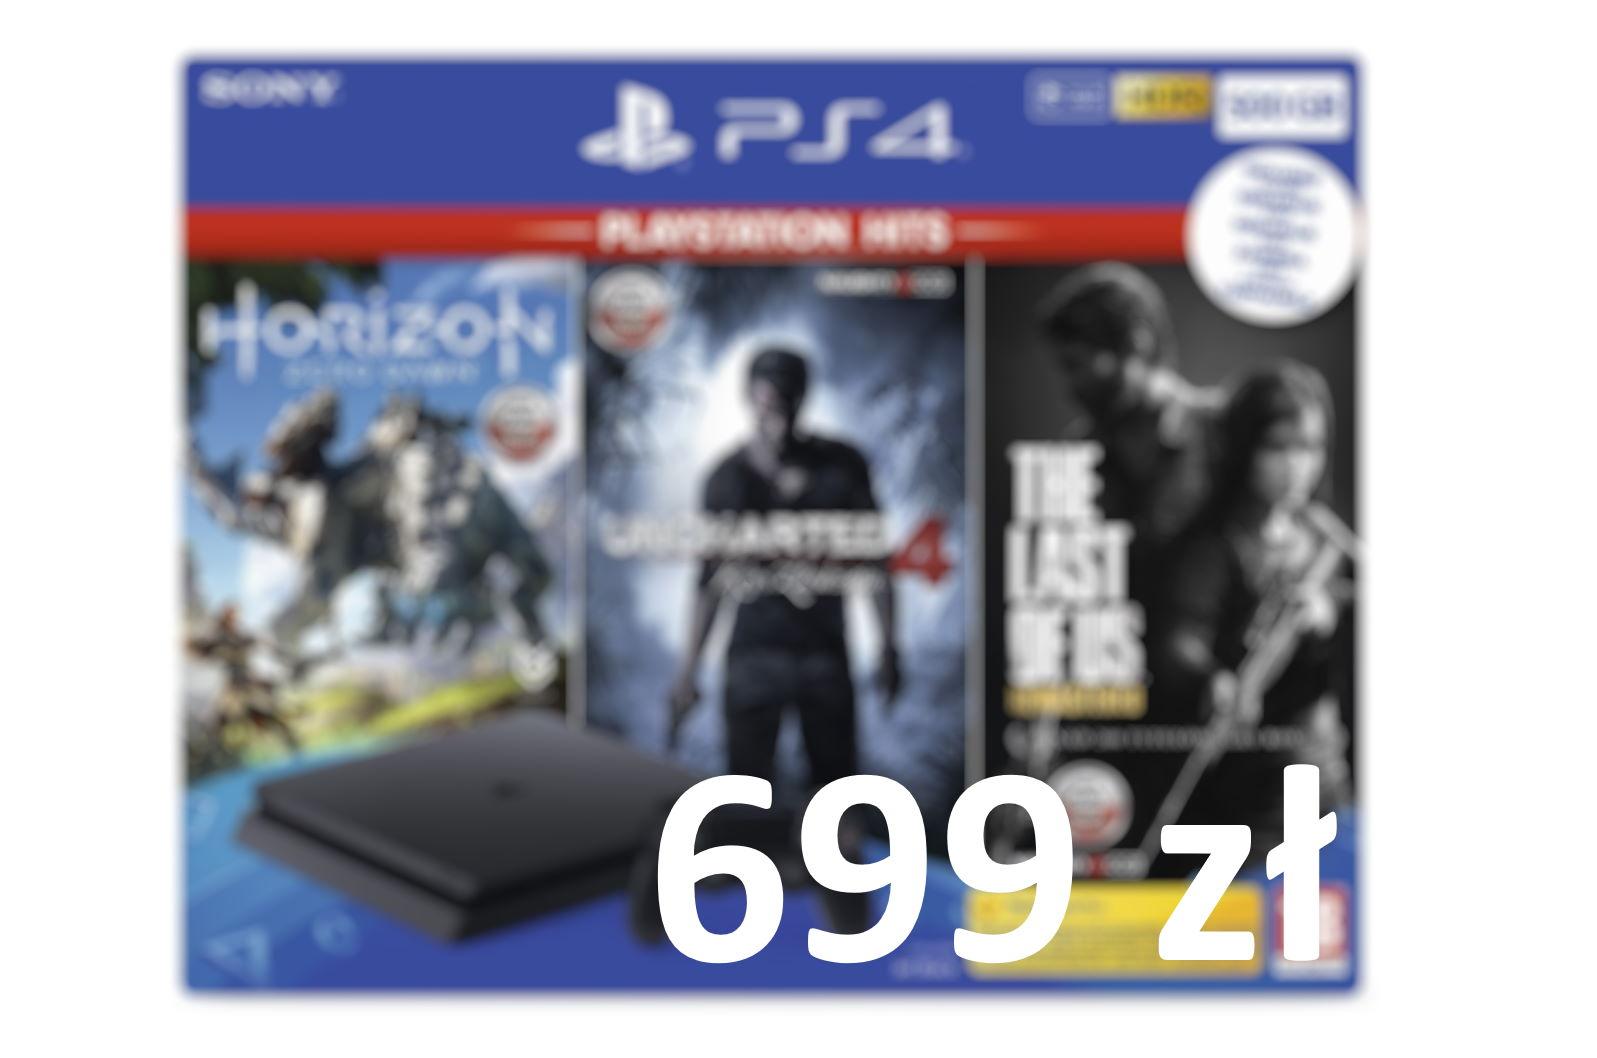 PlayStation 4 + 3 gry za 699zł w Allegro Smart! Week